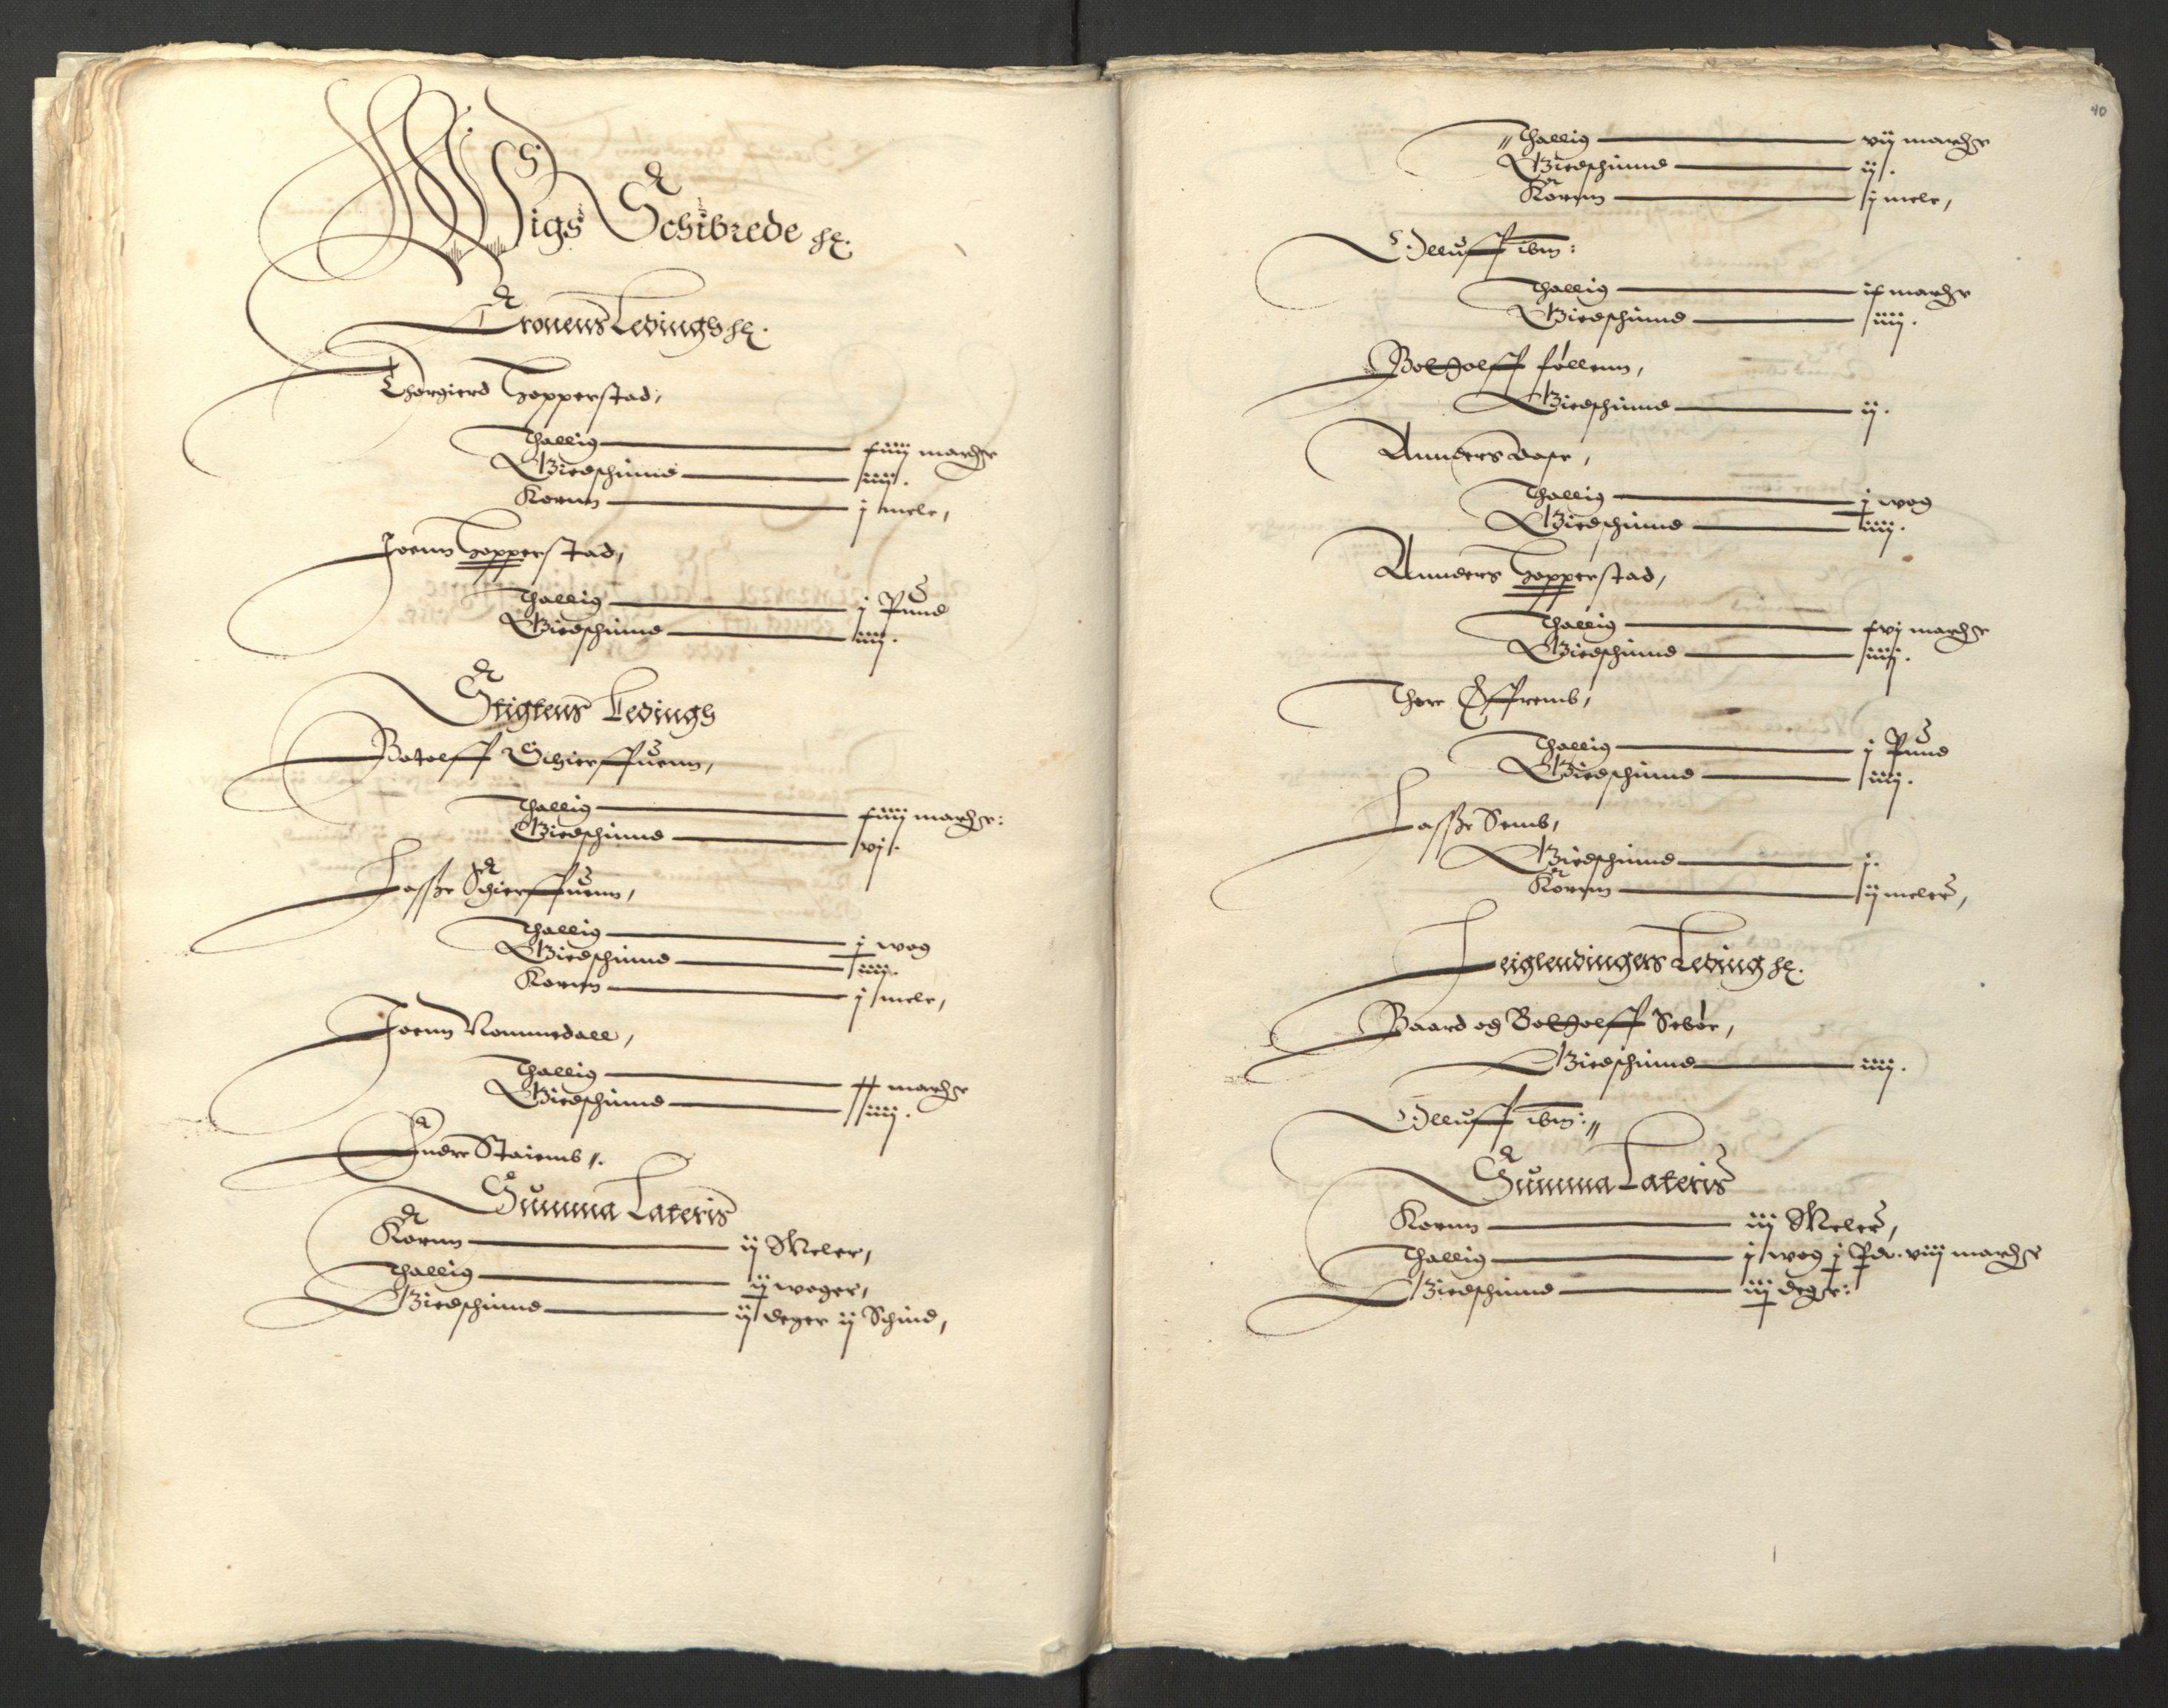 RA, Stattholderembetet 1572-1771, Ek/L0003: Jordebøker til utlikning av garnisonsskatt 1624-1626:, 1624-1625, s. 156